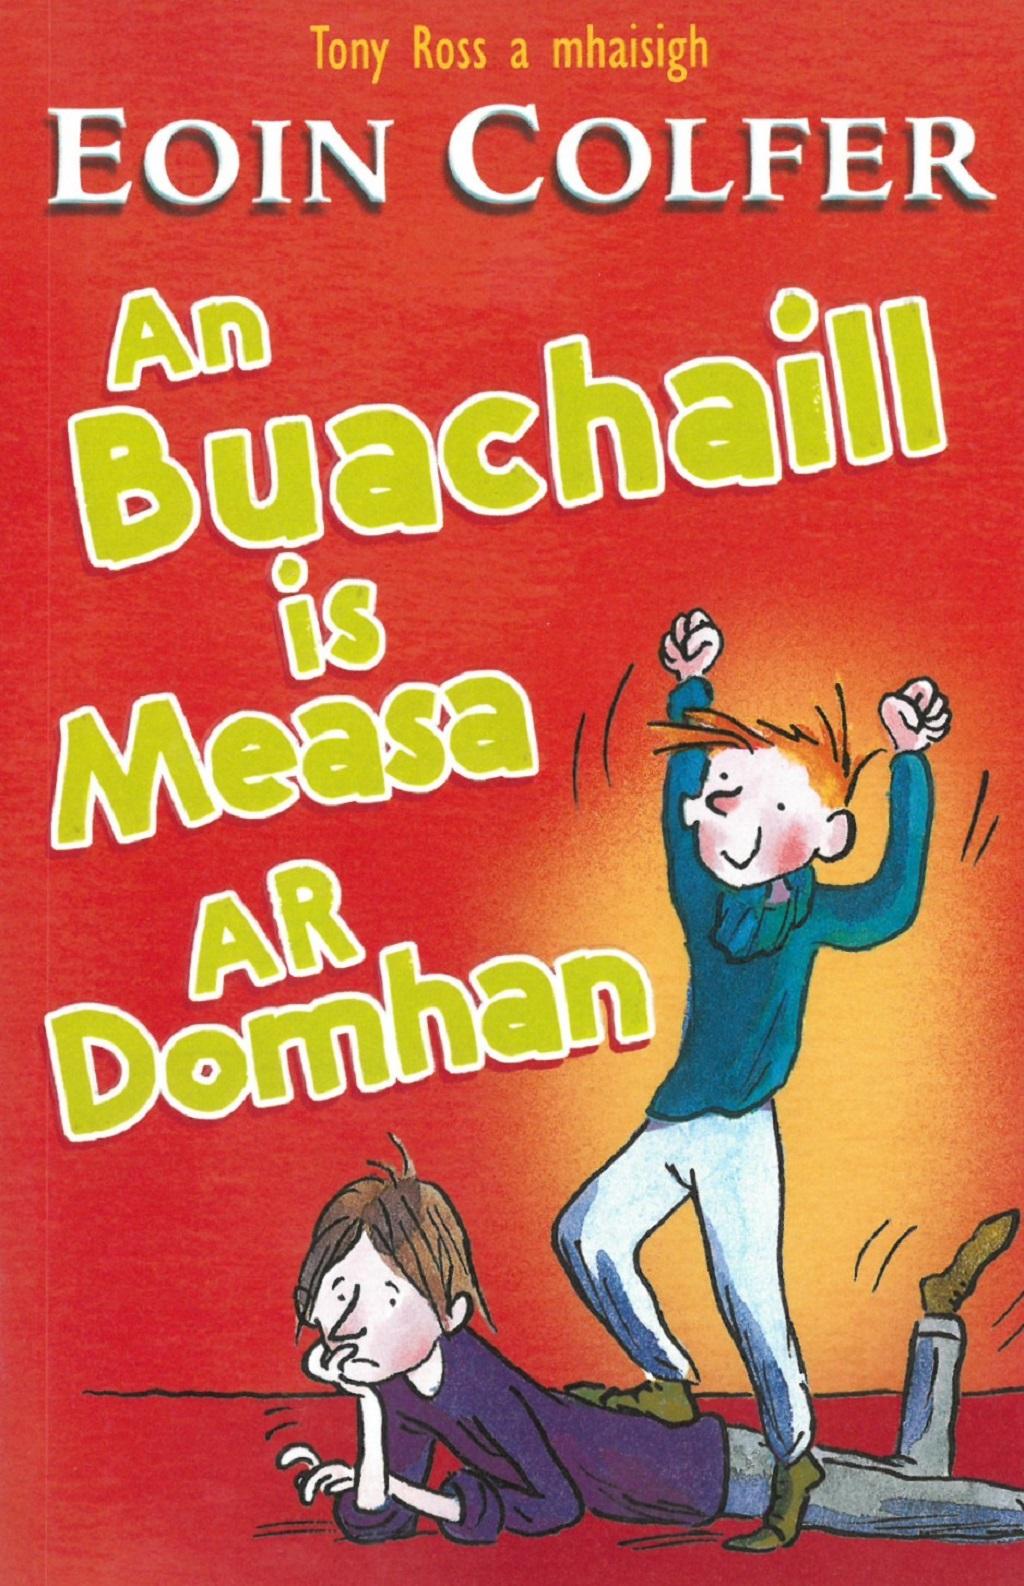 Eoin Colfer - AnBuachaill Is Measa Ar Domhan